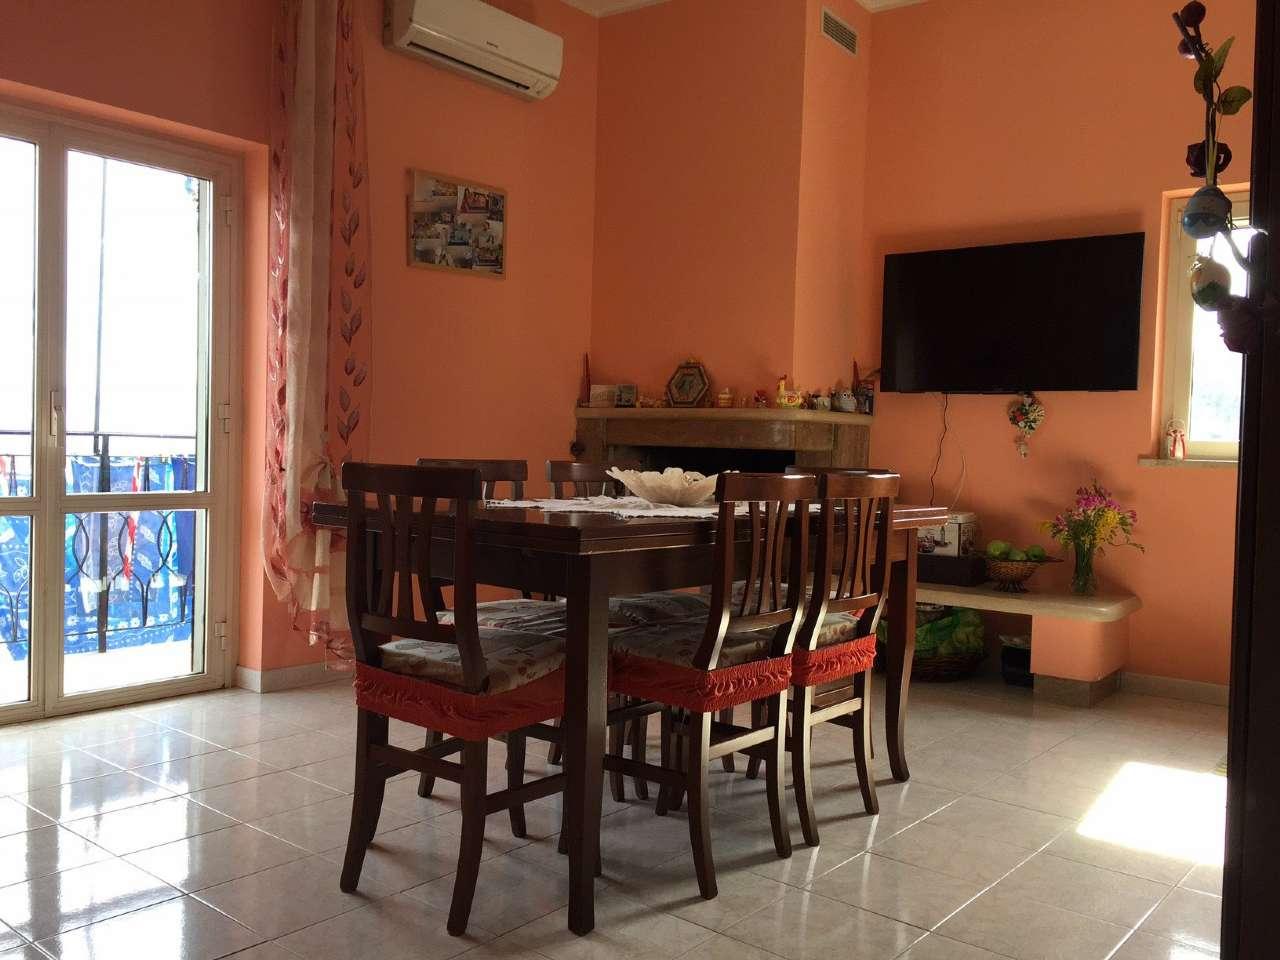 Appartamento in vendita a Civitella San Paolo, 5 locali, prezzo € 95.000 | Cambio Casa.it